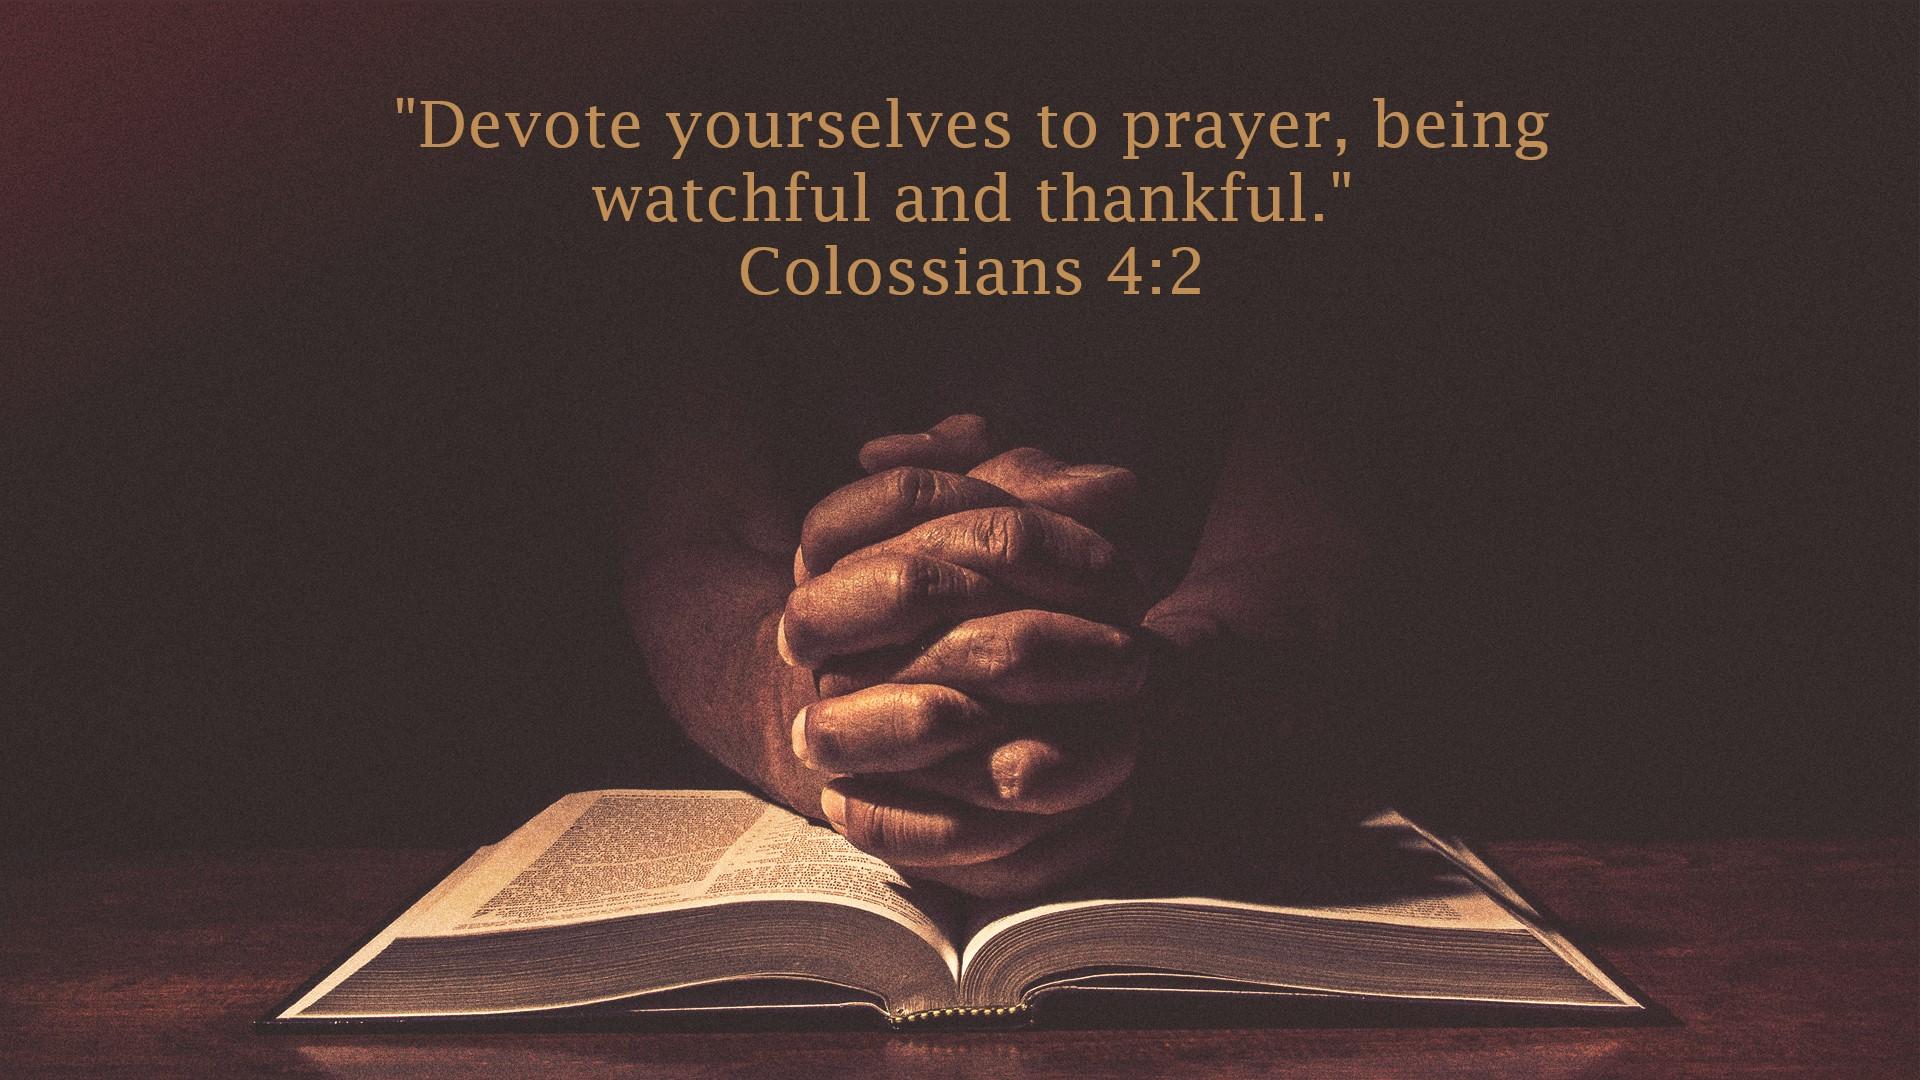 prayer page image.jpg